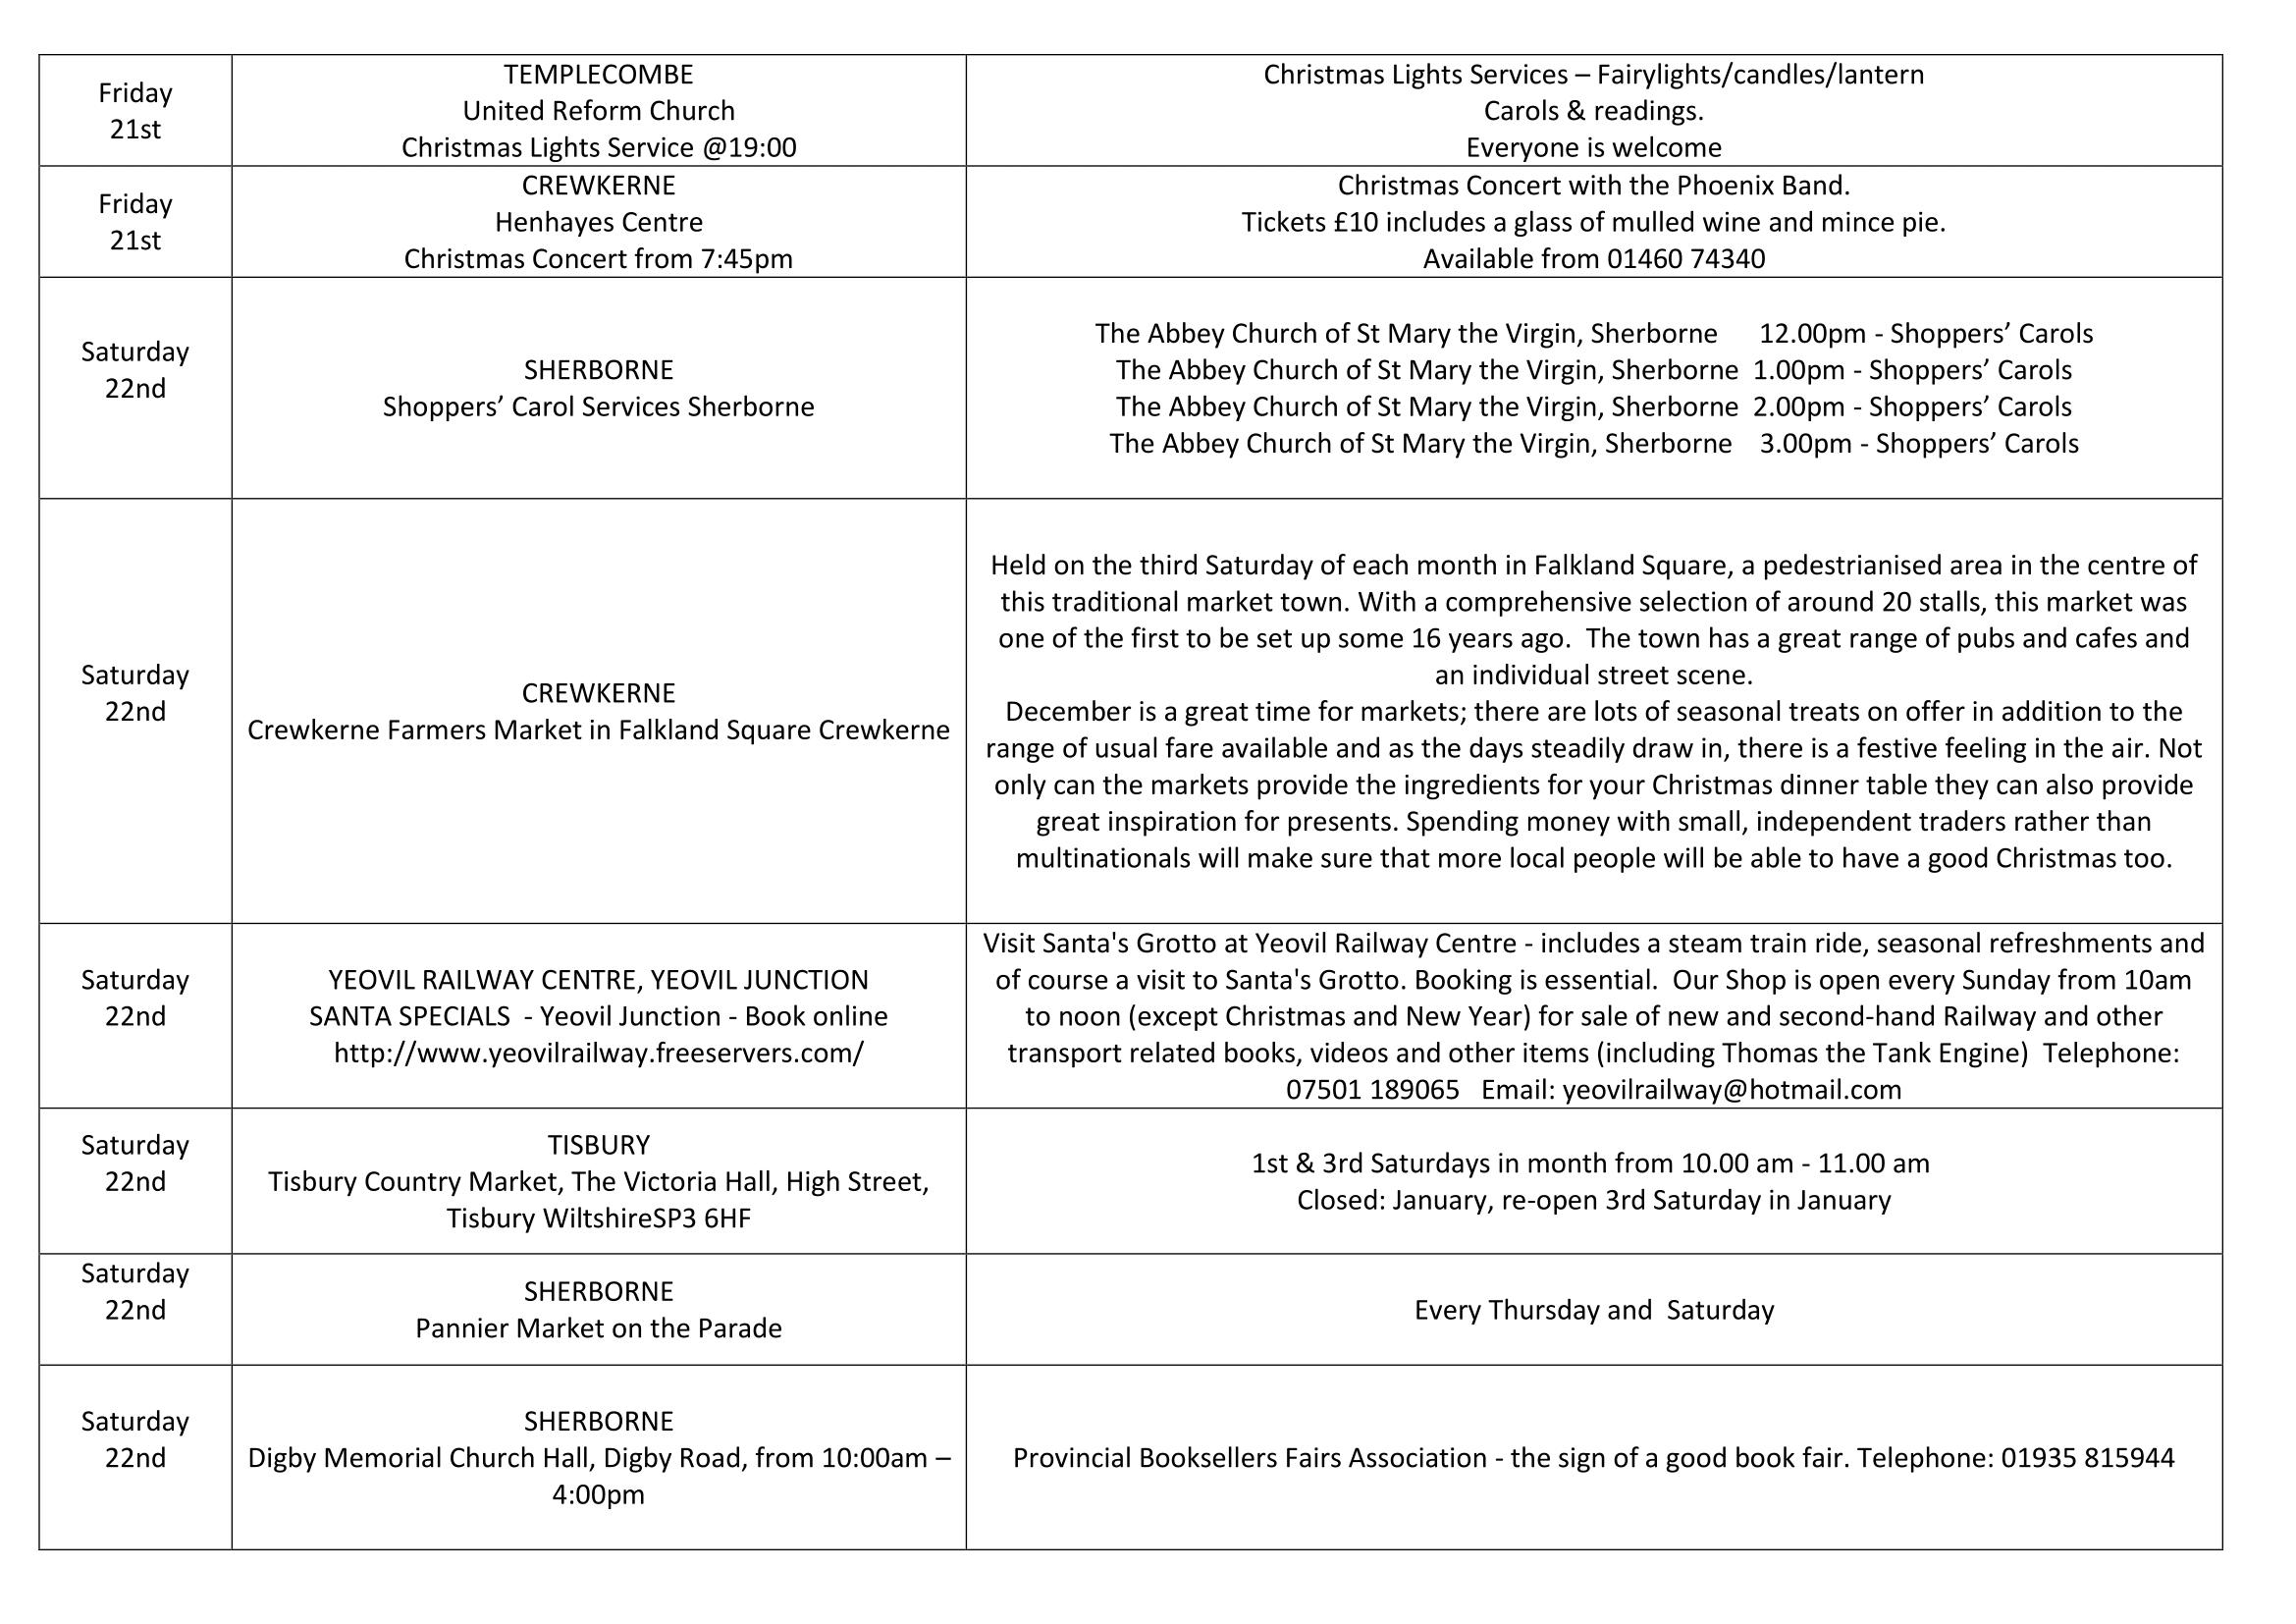 BMVCRP edit-12